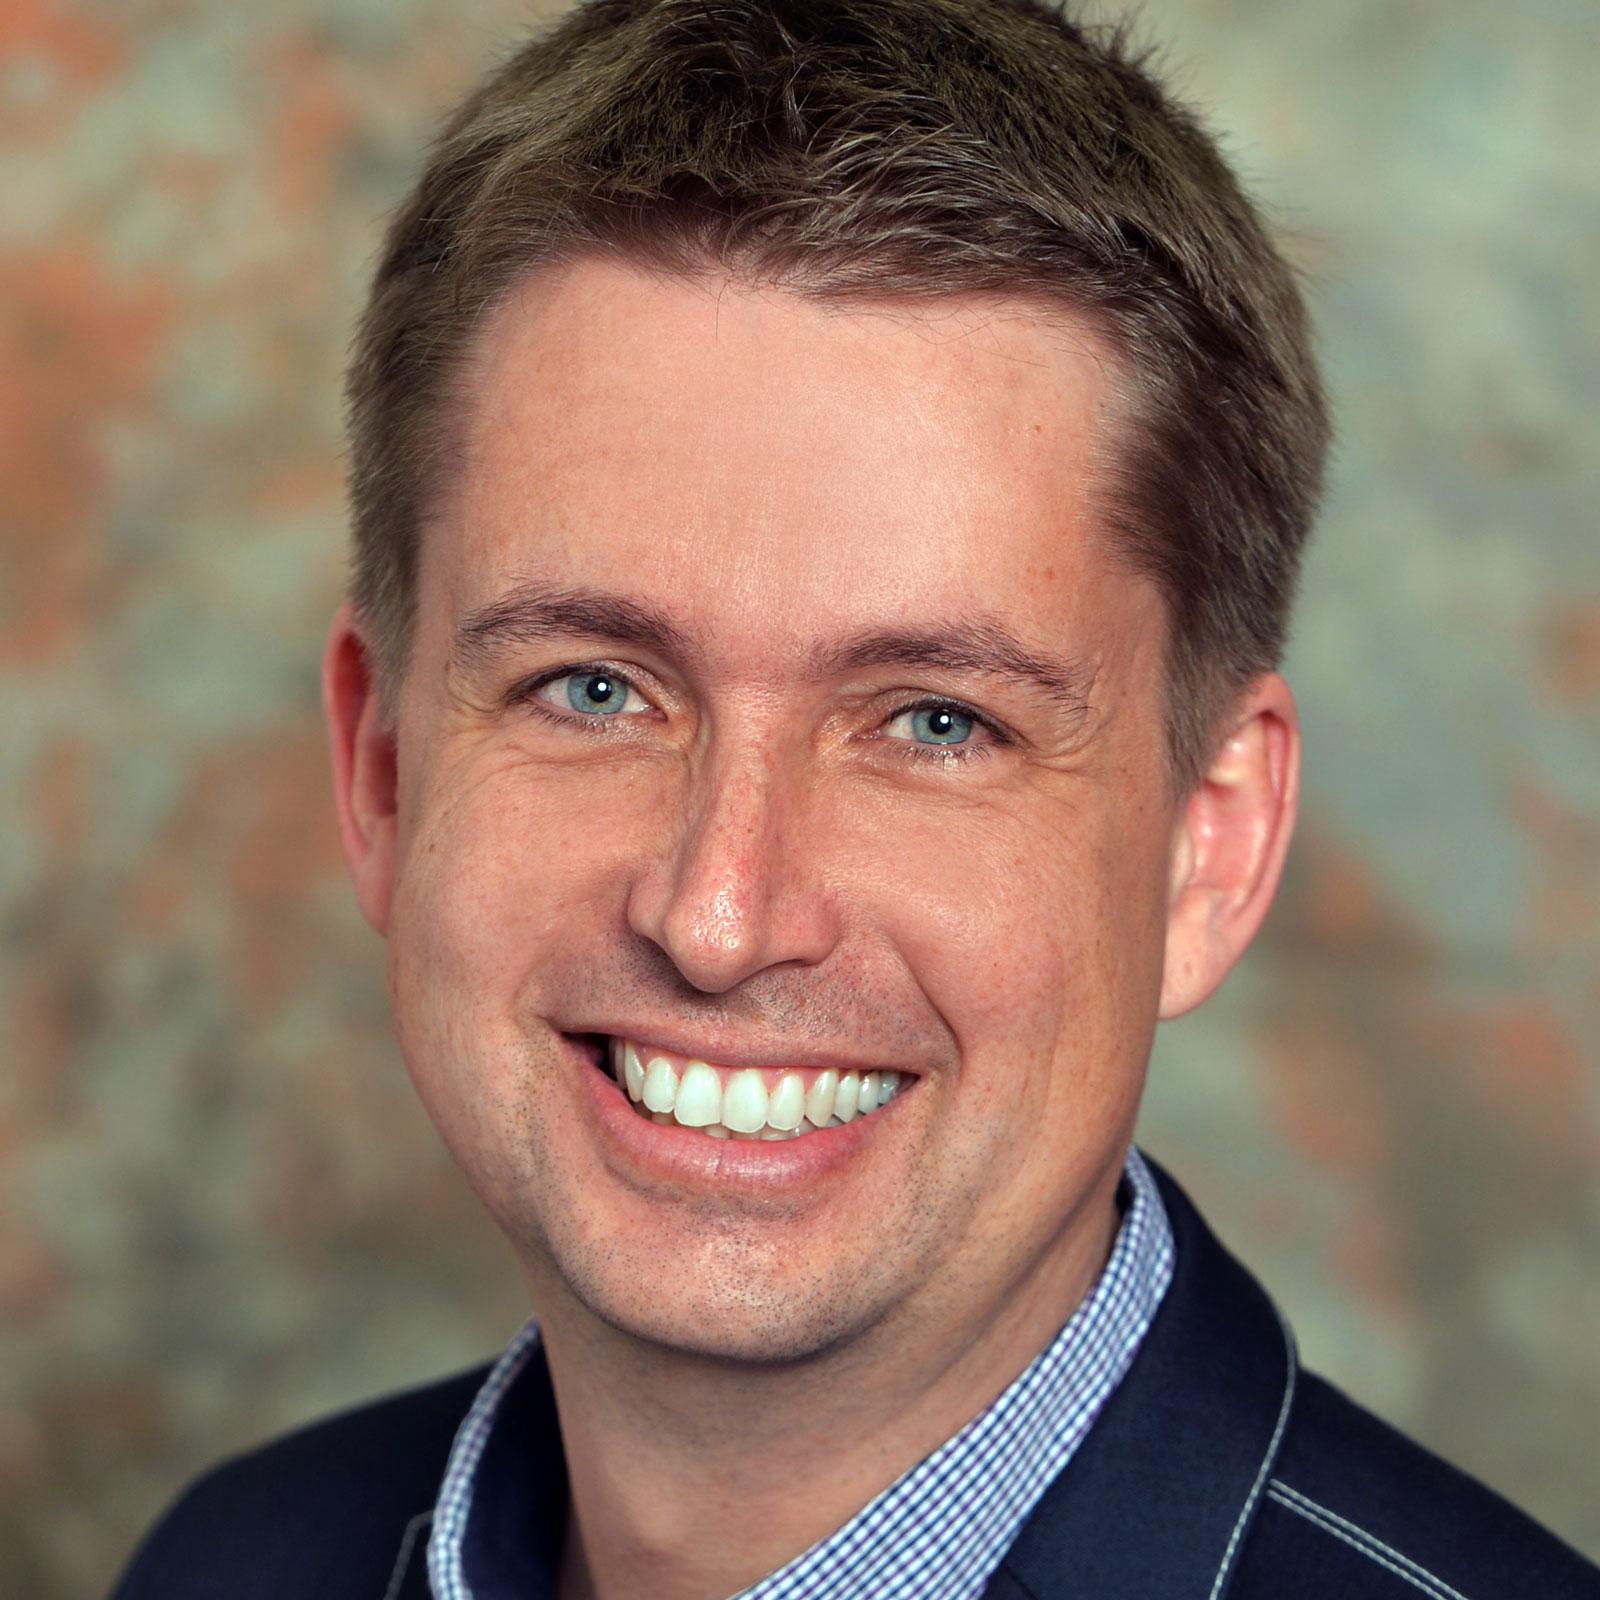 Mag. Marcel Halwa ist bei der Wüstenrot AG für das IT-Recruiting verantwortlich.